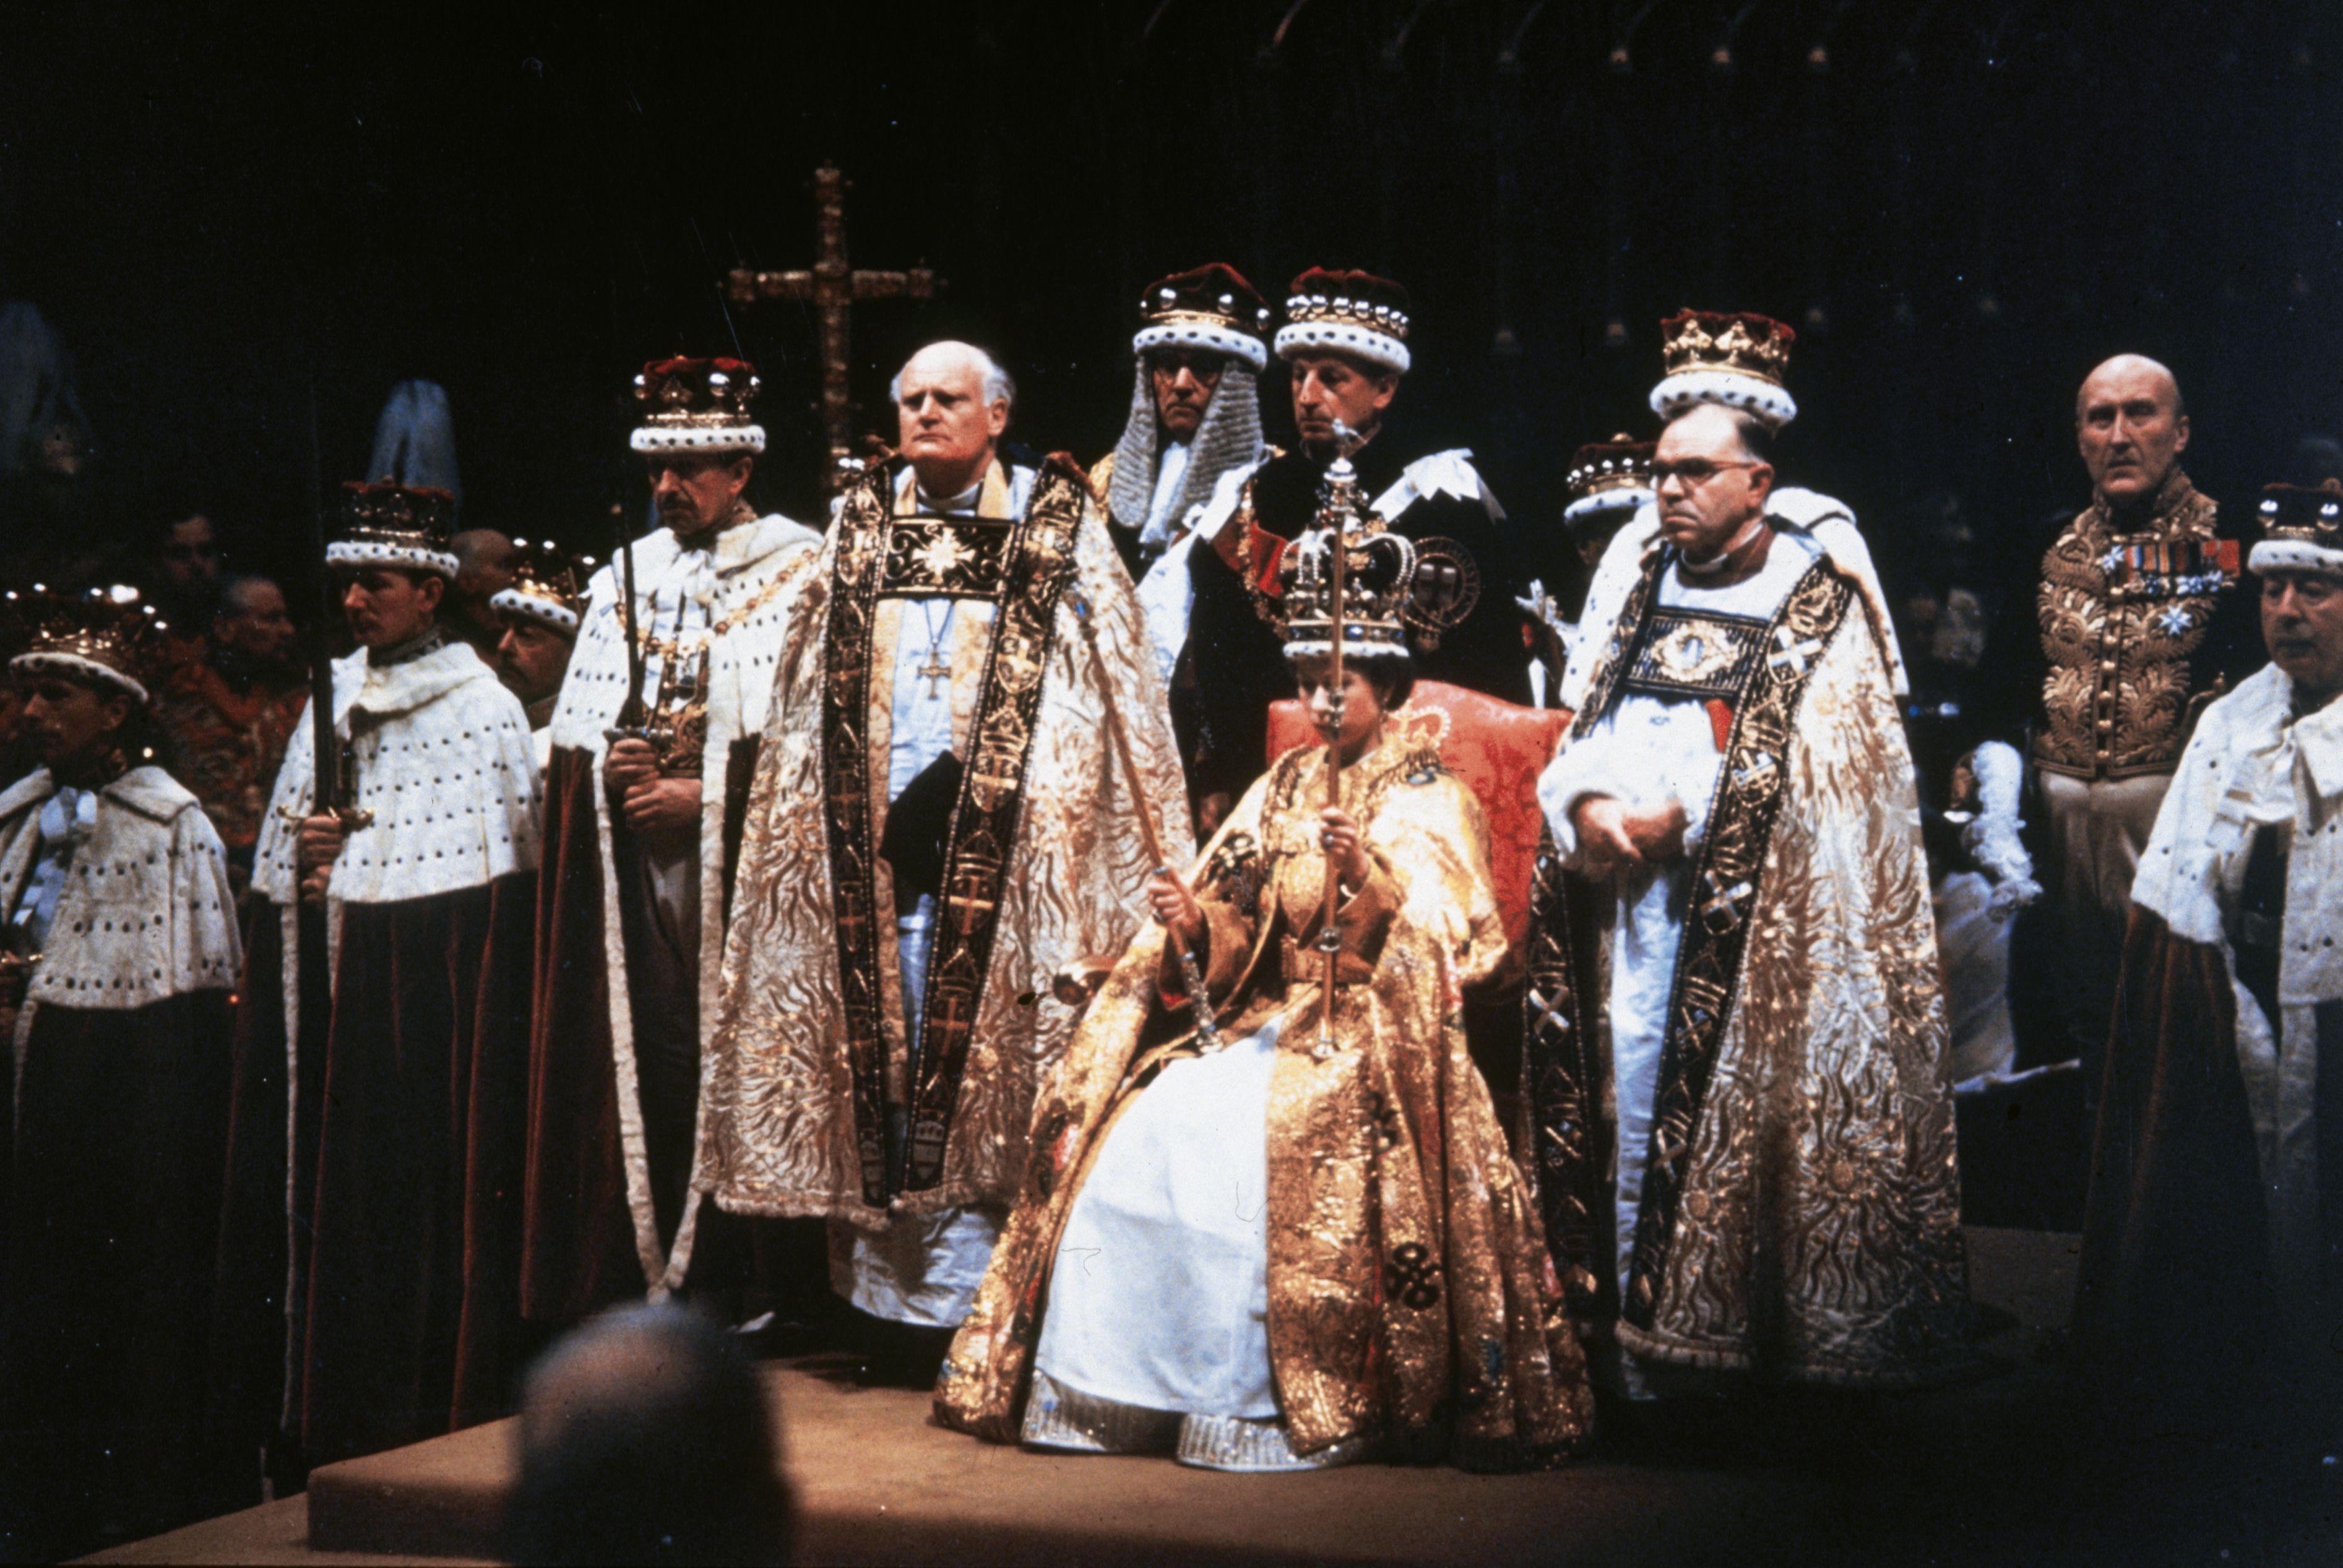 Incoronazione della Regina Elisabetta, tutti i segreti del giorno in cui è diventata The Queen